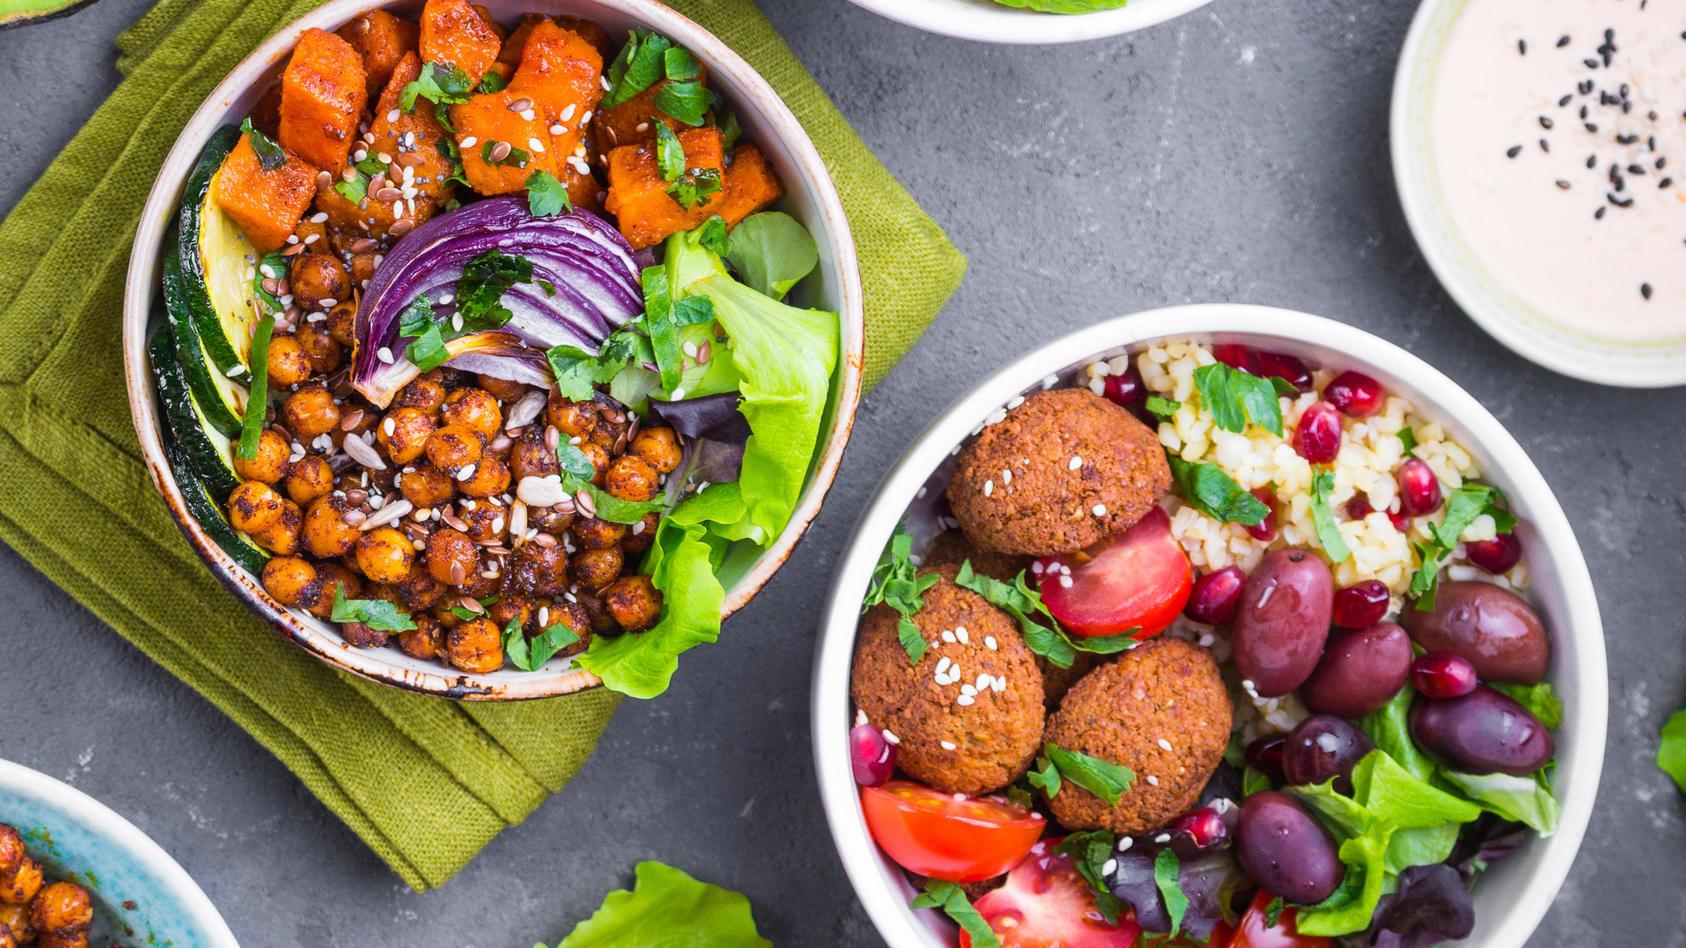 salat-ist-nicht-nur-etwas-fur-warme-sommertage-mit-selbstgemachter-kurbis-falafel-frischen-feigen-und-cremigem-ziegenkase-wird-der-feldsalat-zu-einem-besonders-aromatischem-herbst-gericht-symbolbild